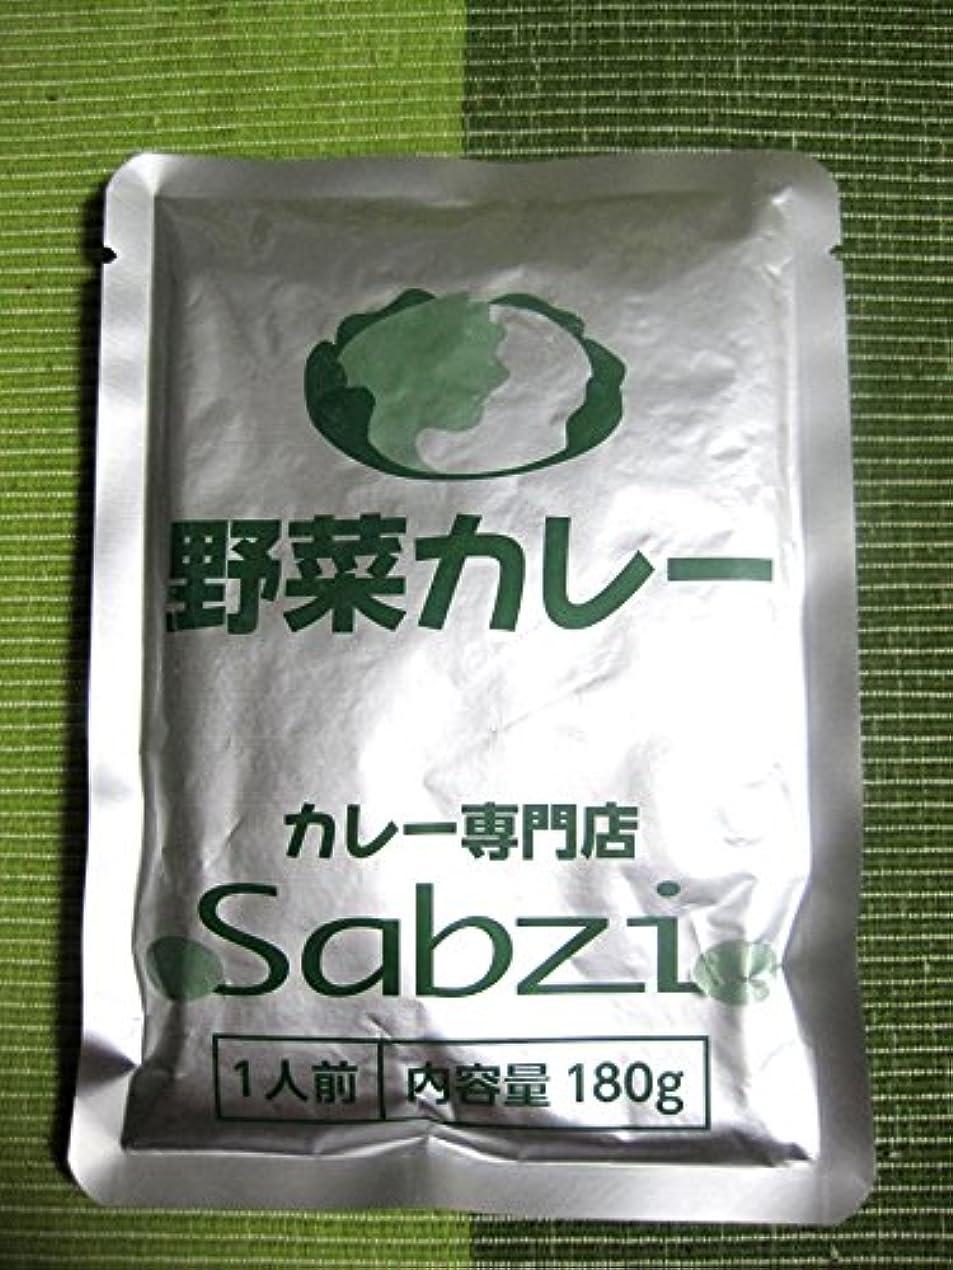 パワーセルボウリング石鹸カレー専門店 sabzi(サブジ) オリジナル レトルトカレー 野菜カレー?180g×10食